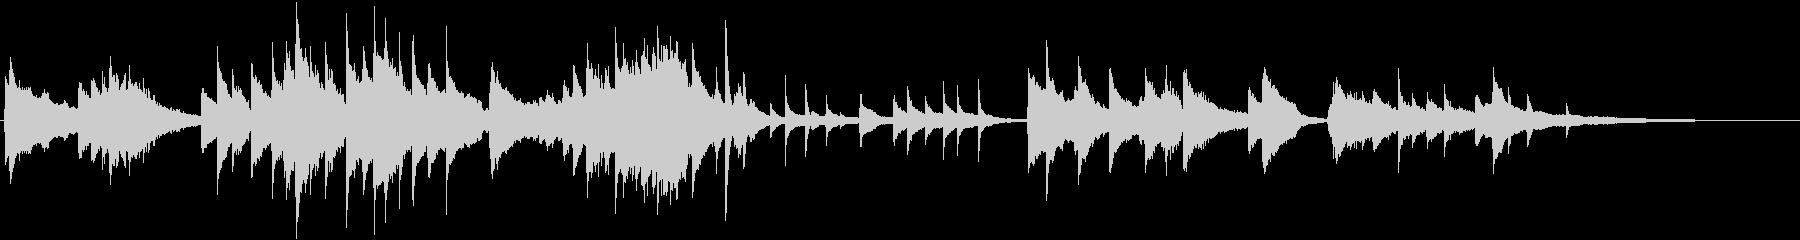 前奏曲風のピアノソロ即興演奏の未再生の波形